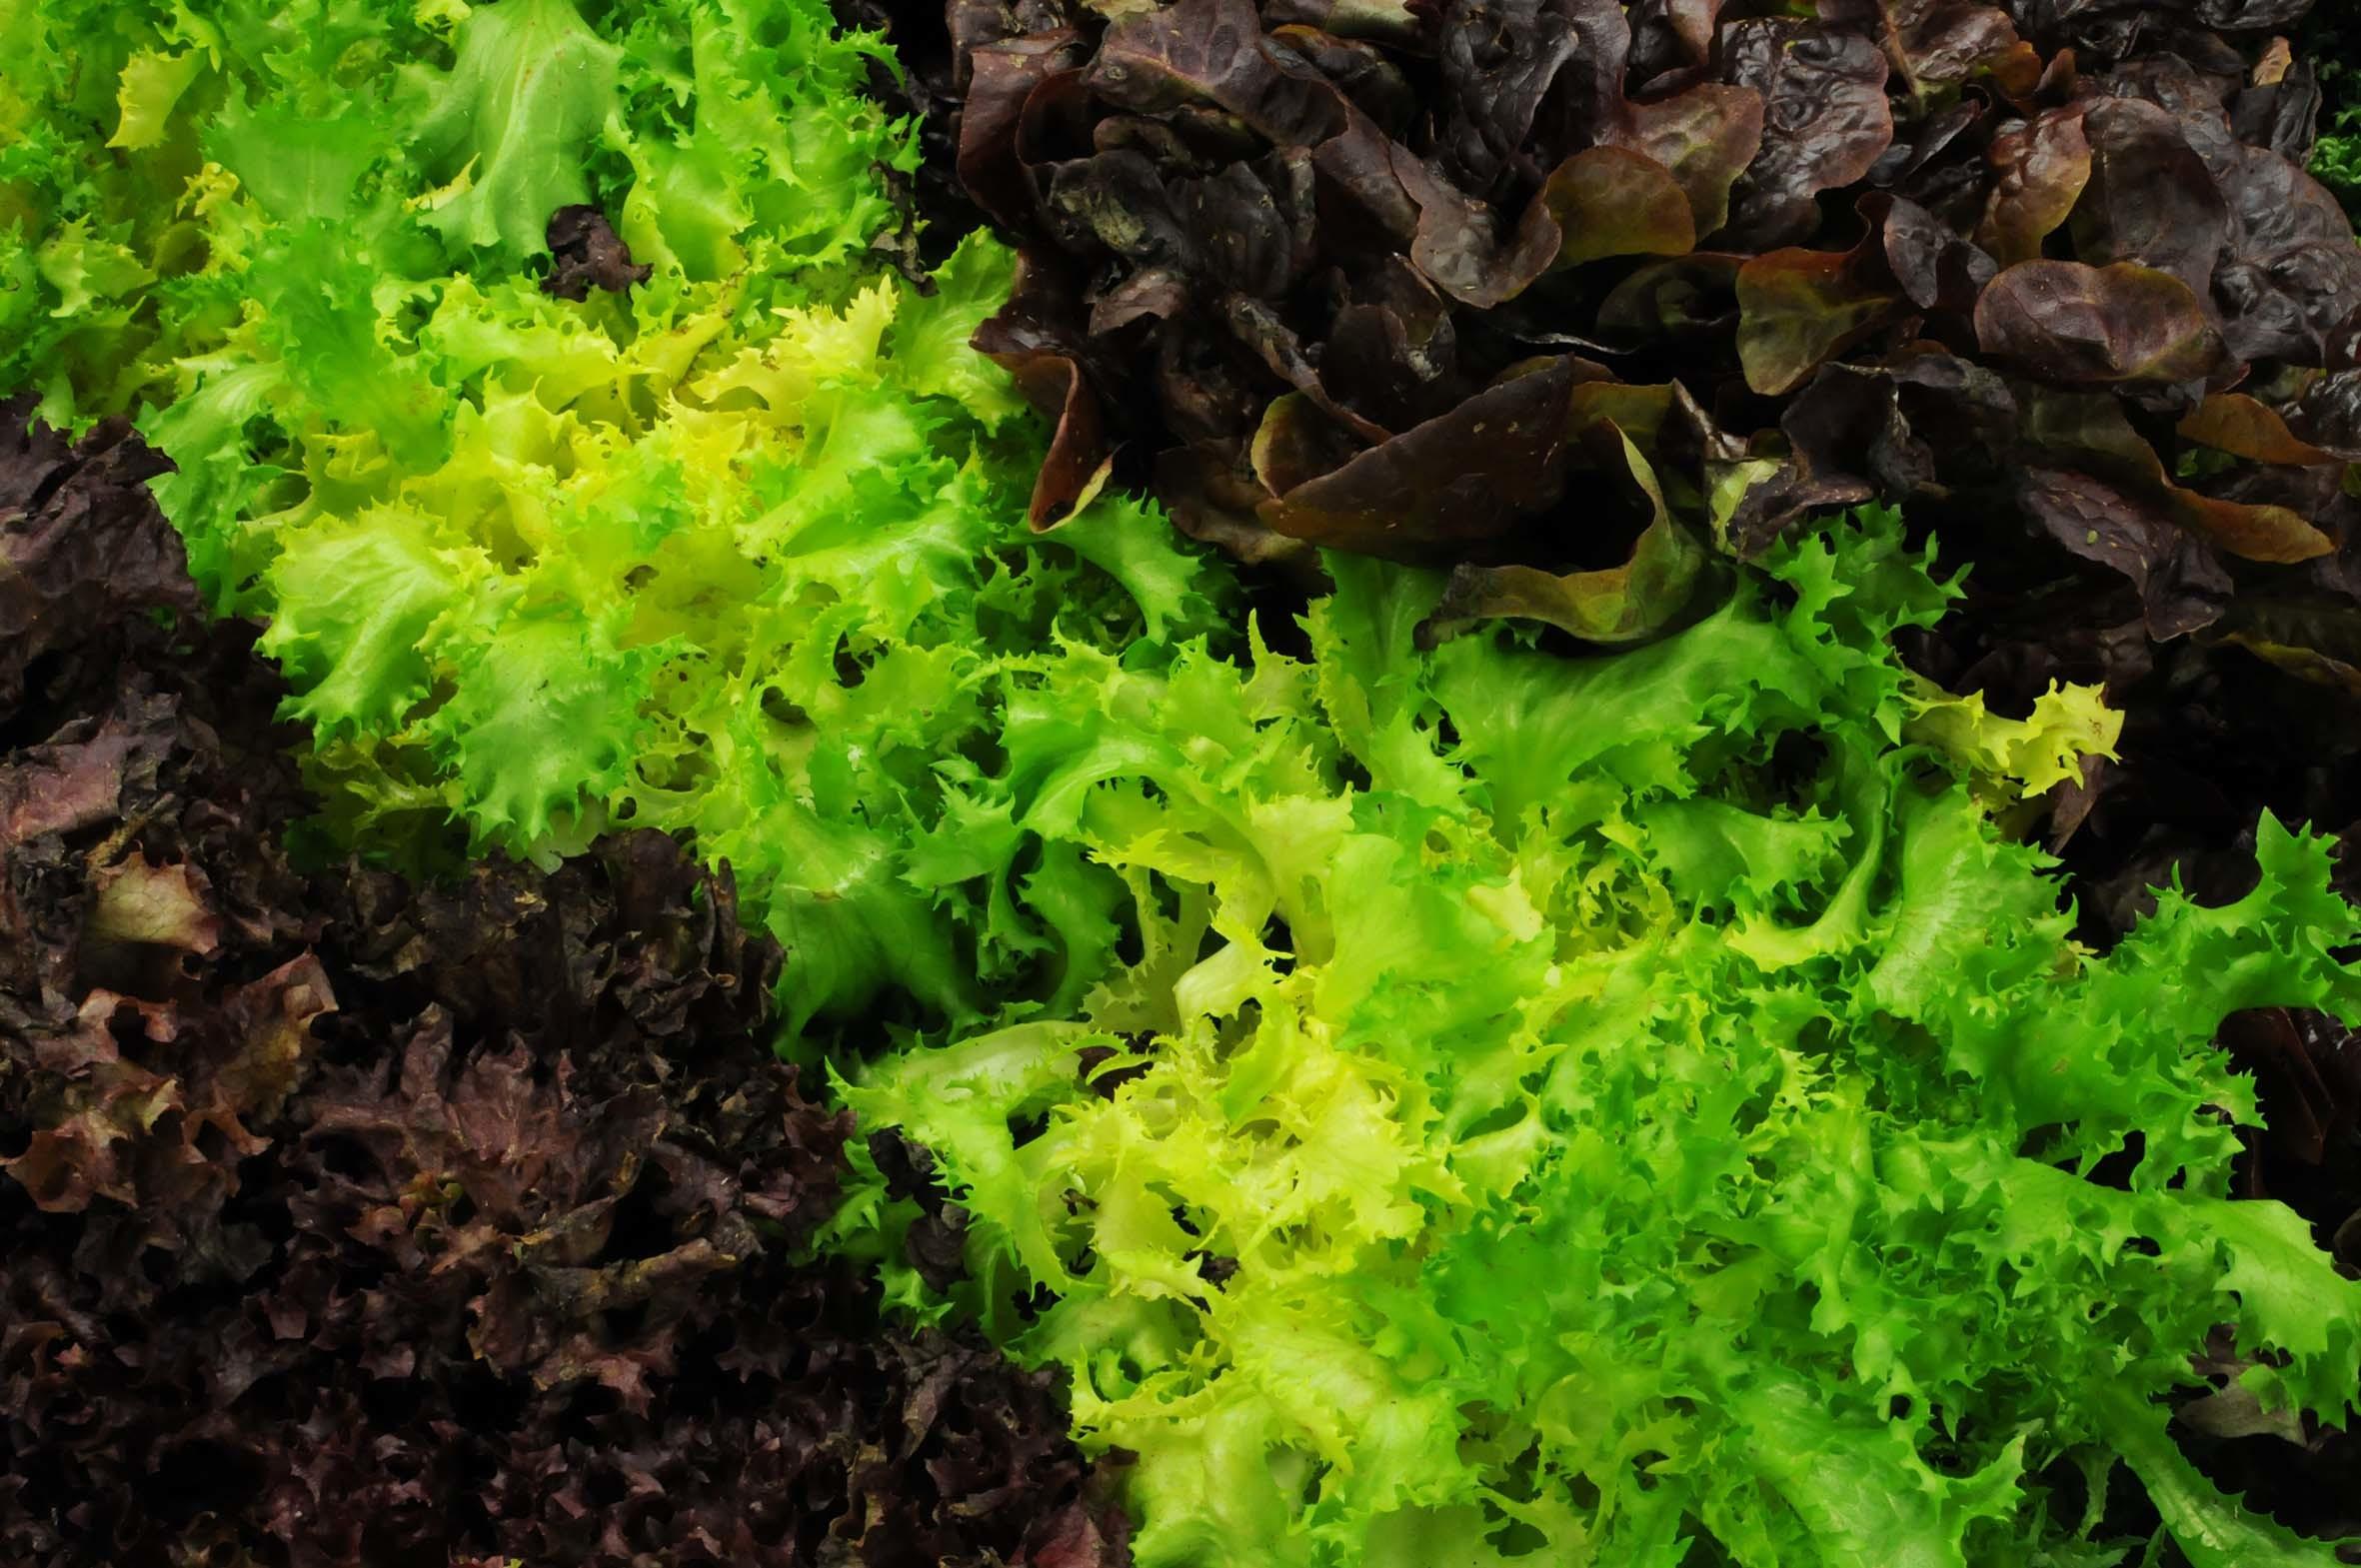 winter-lettuce.jpg?mtime=20170922142511#asset:11505